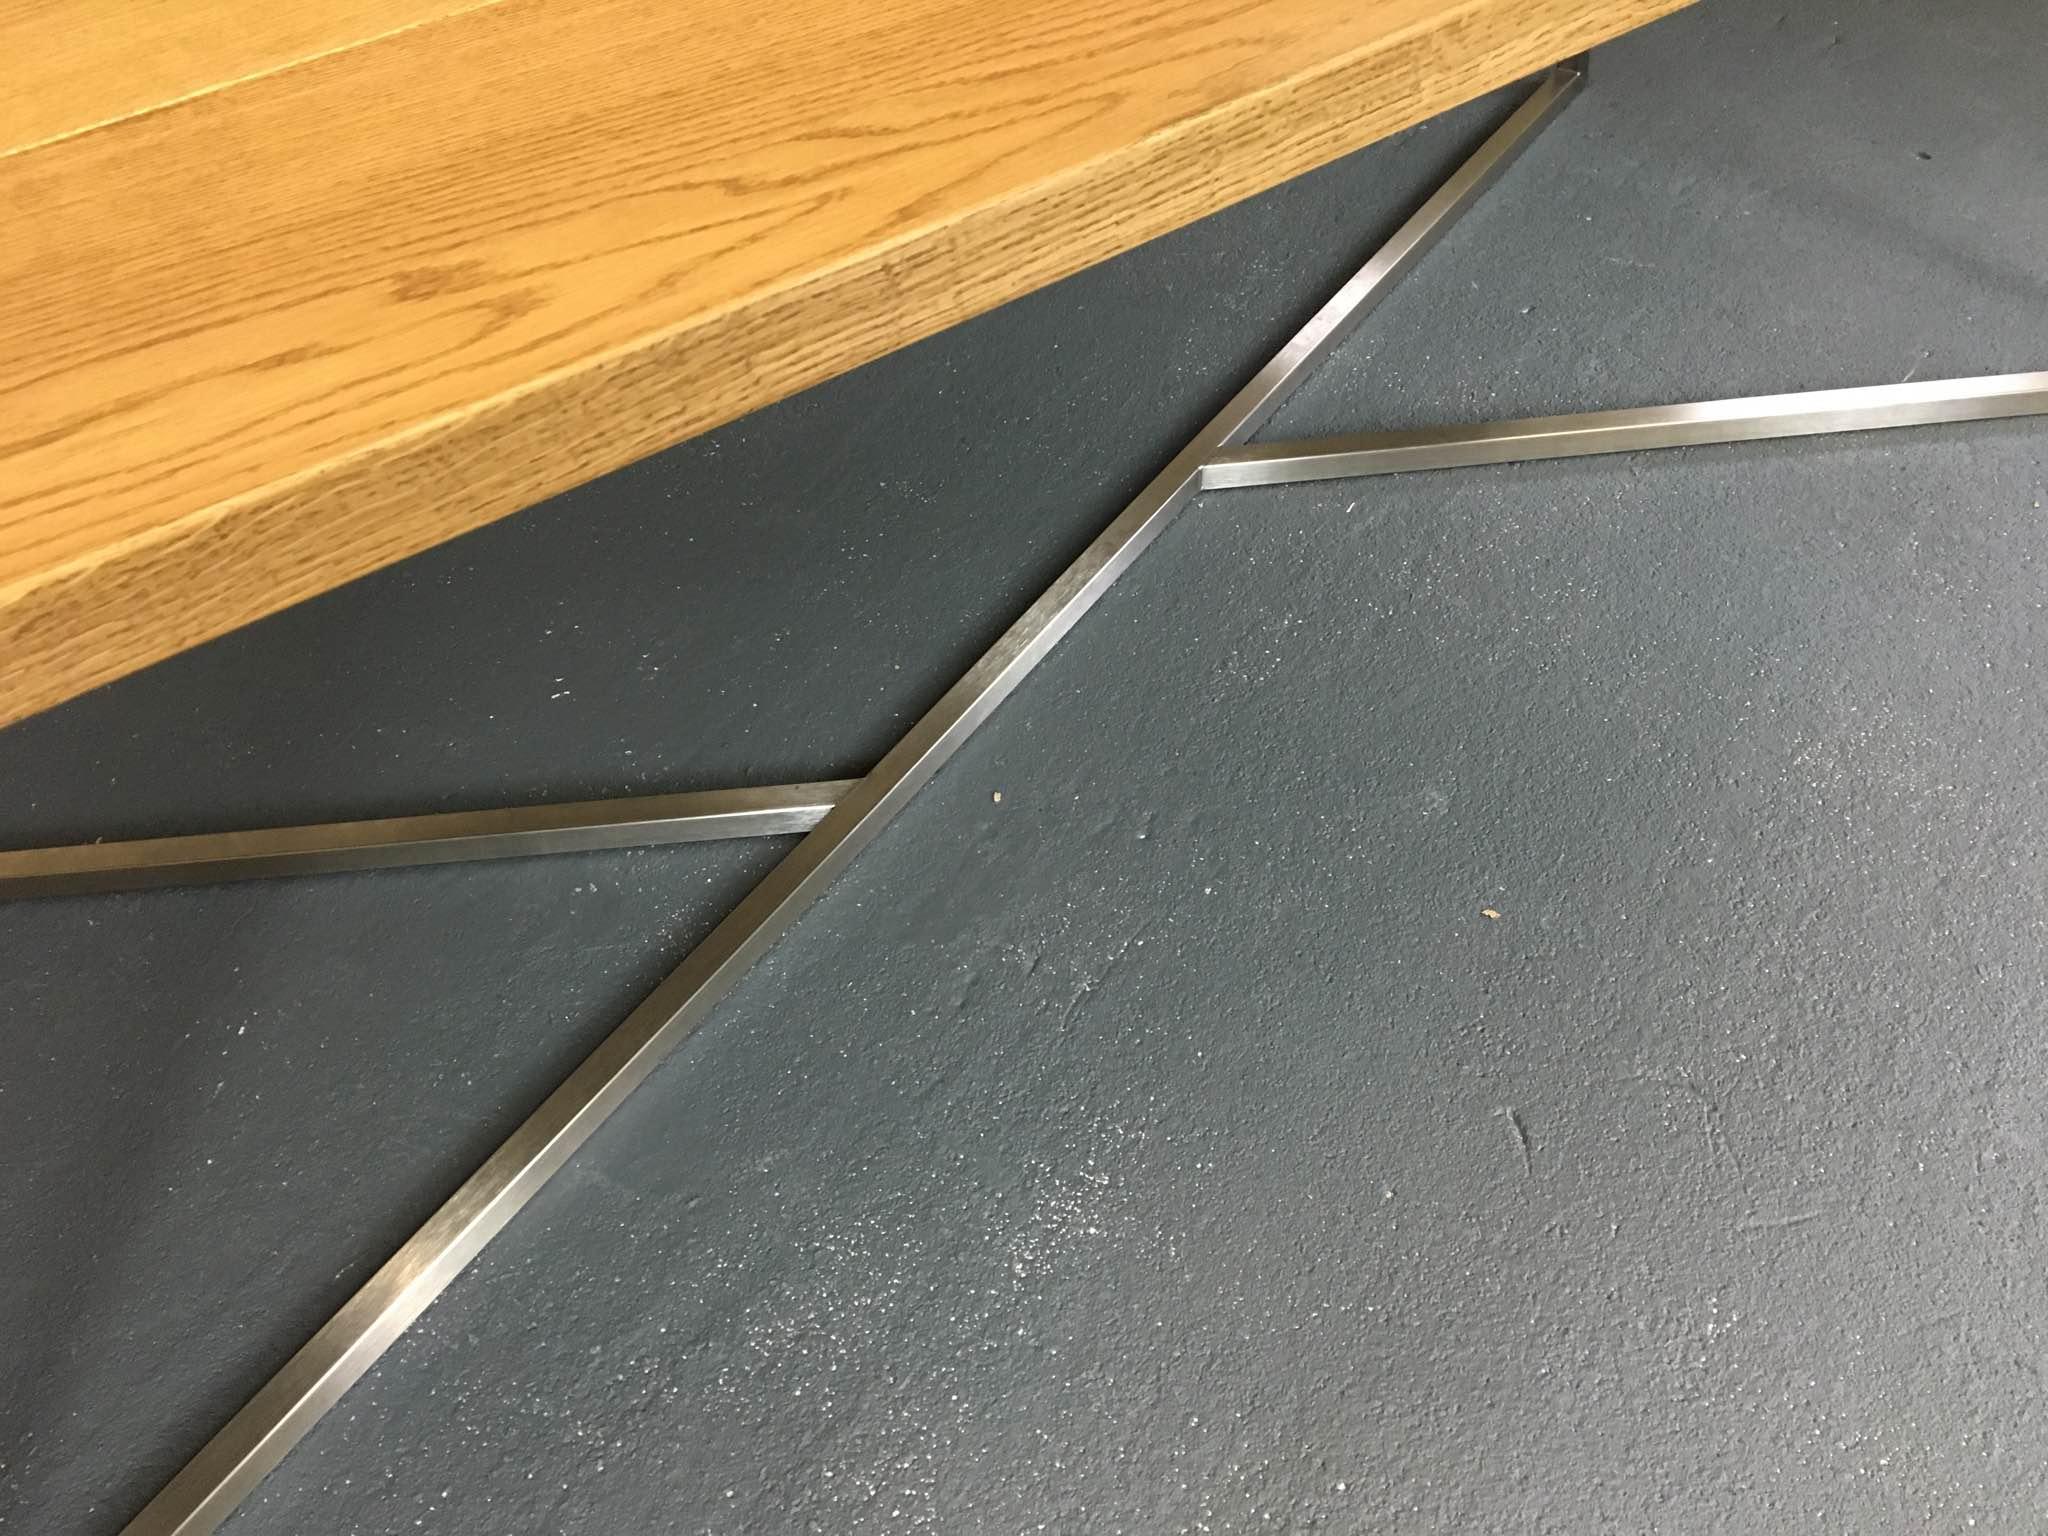 Hand-welded frame detail